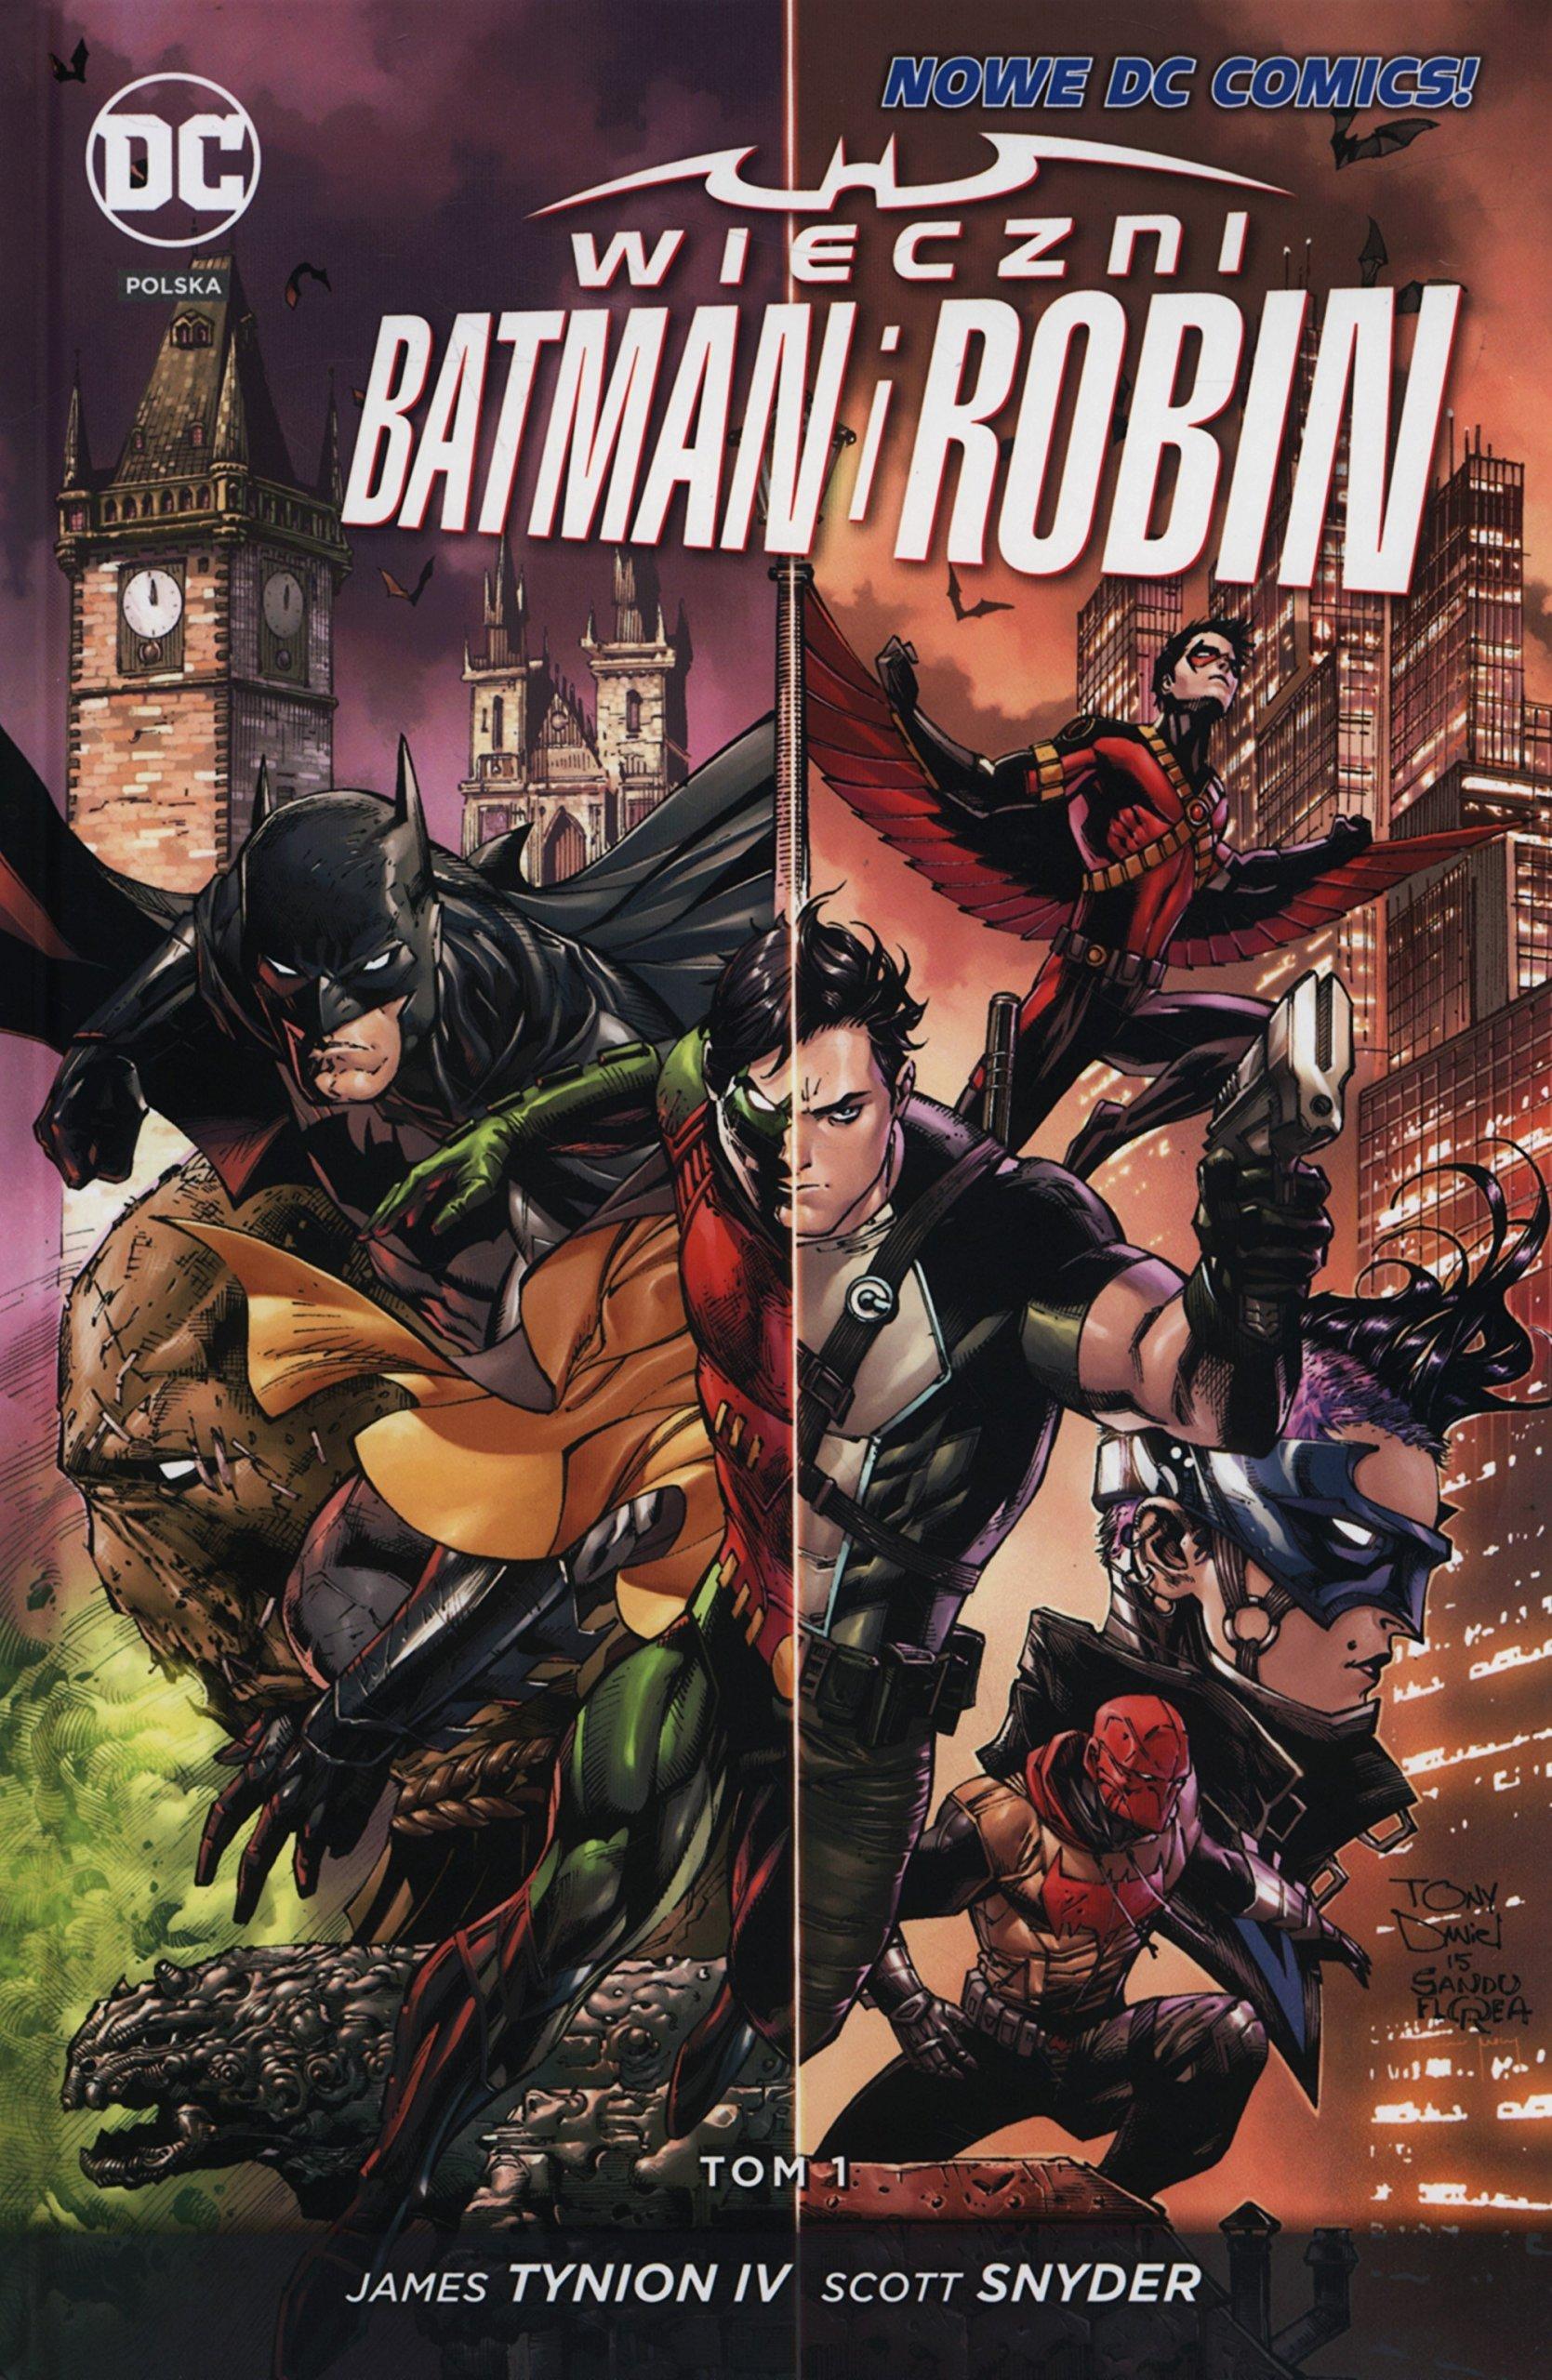 Wieczni Batman i Robin. Tom 1 by Scott Snyder, James Tynion IV